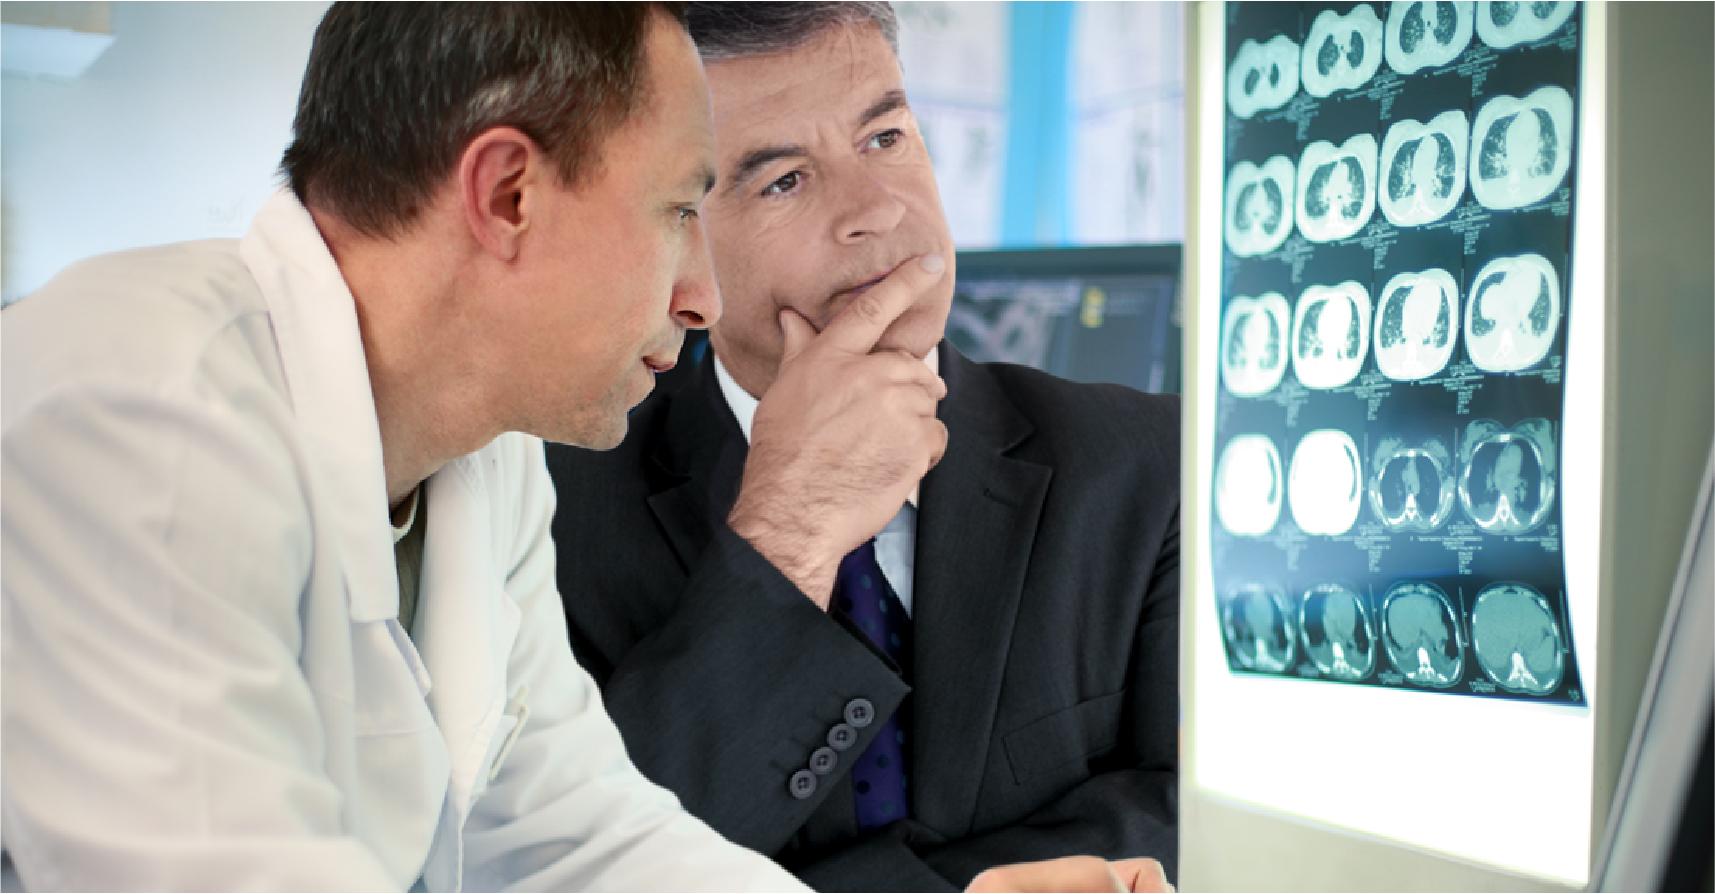 صورة الحكومة تموّل أبحاثاً لمكافحة علاج الألزهايمر لتساعد المواطنين على نسيان همومهم